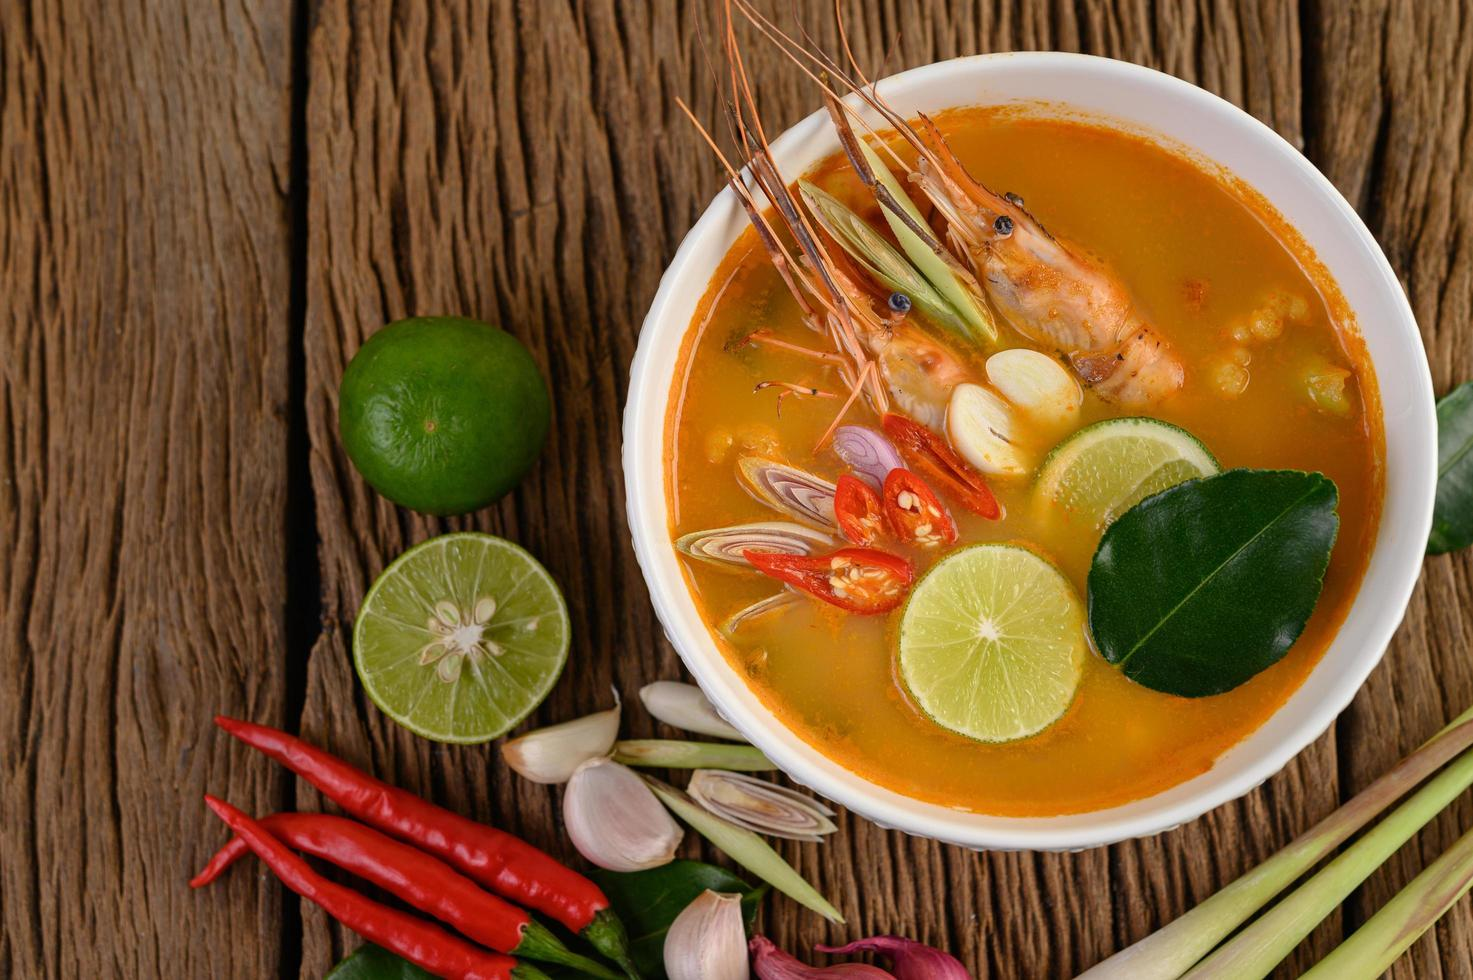 scharfe und würzige Tom Yum Kung Thai Suppe foto